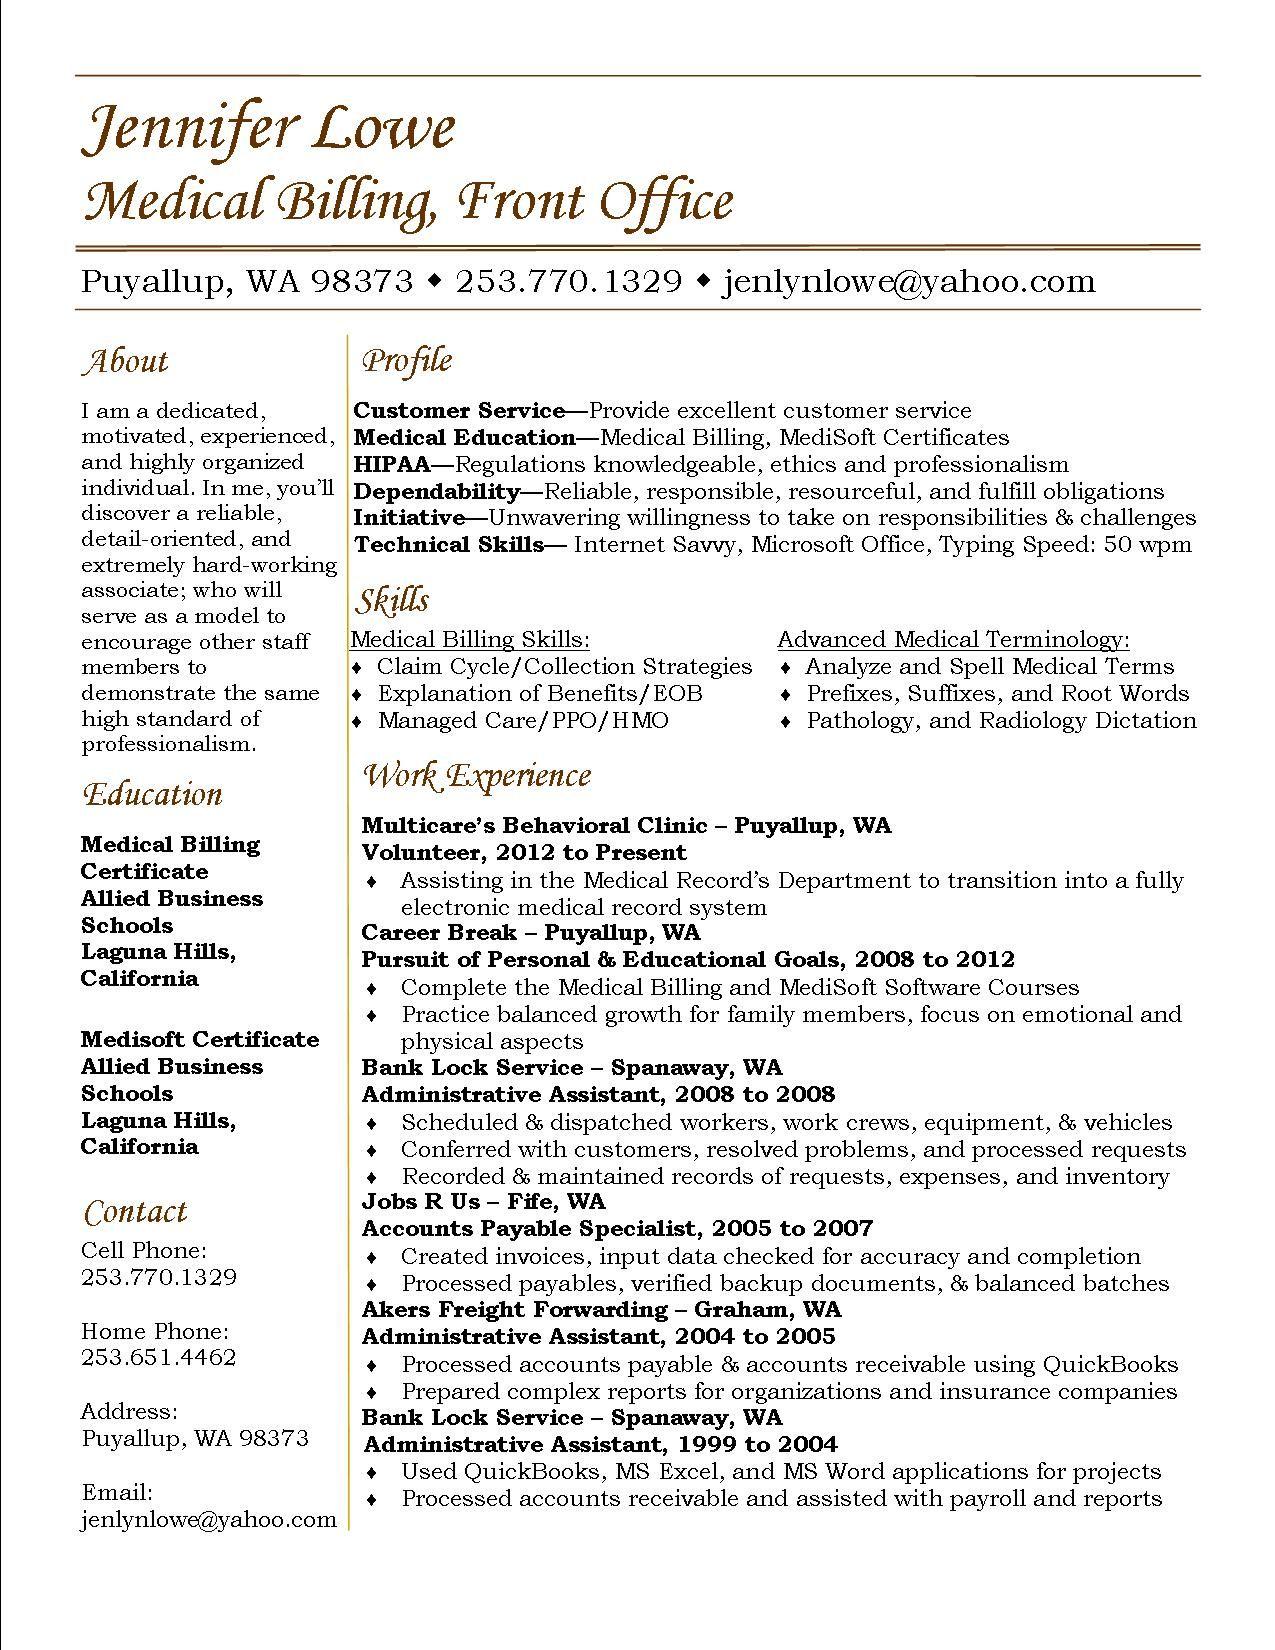 Jennifer Lowe Resume Medical Billing resume career